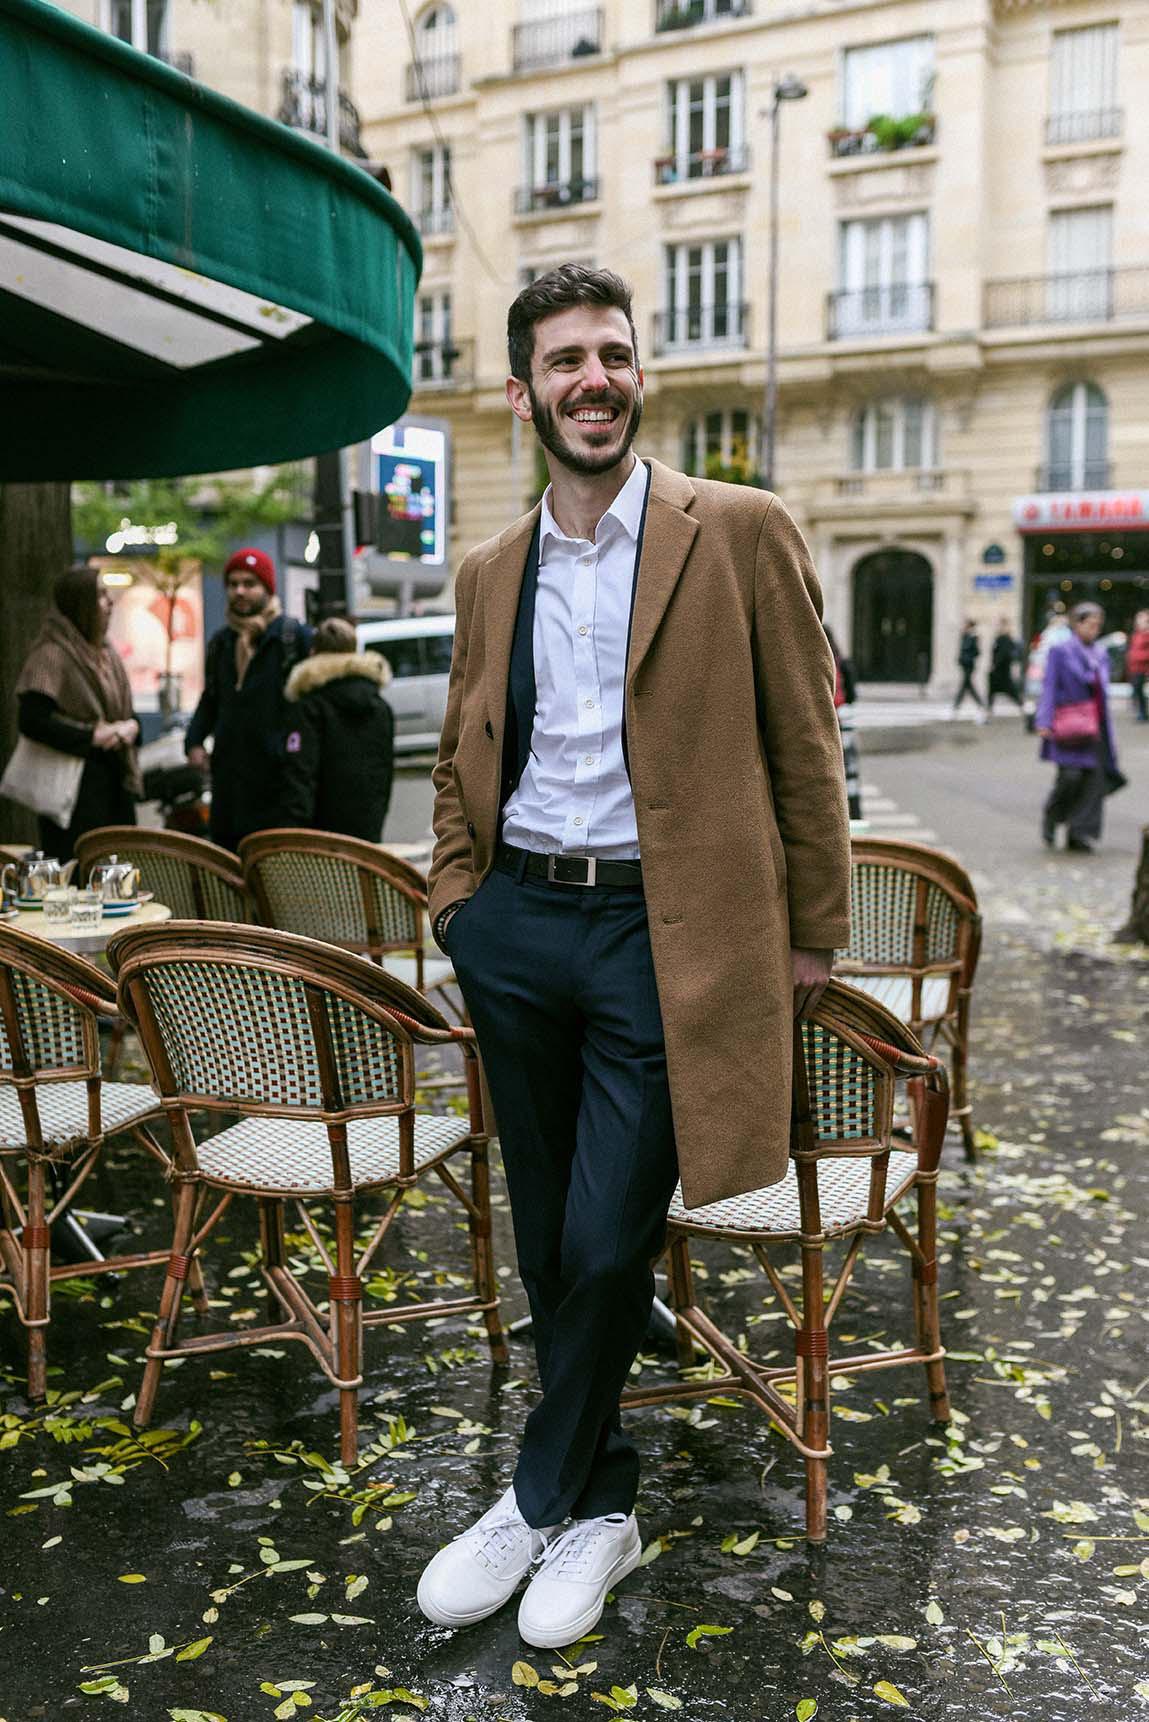 chemise blanche popeline coton bio avec costume bleu et manteau beige